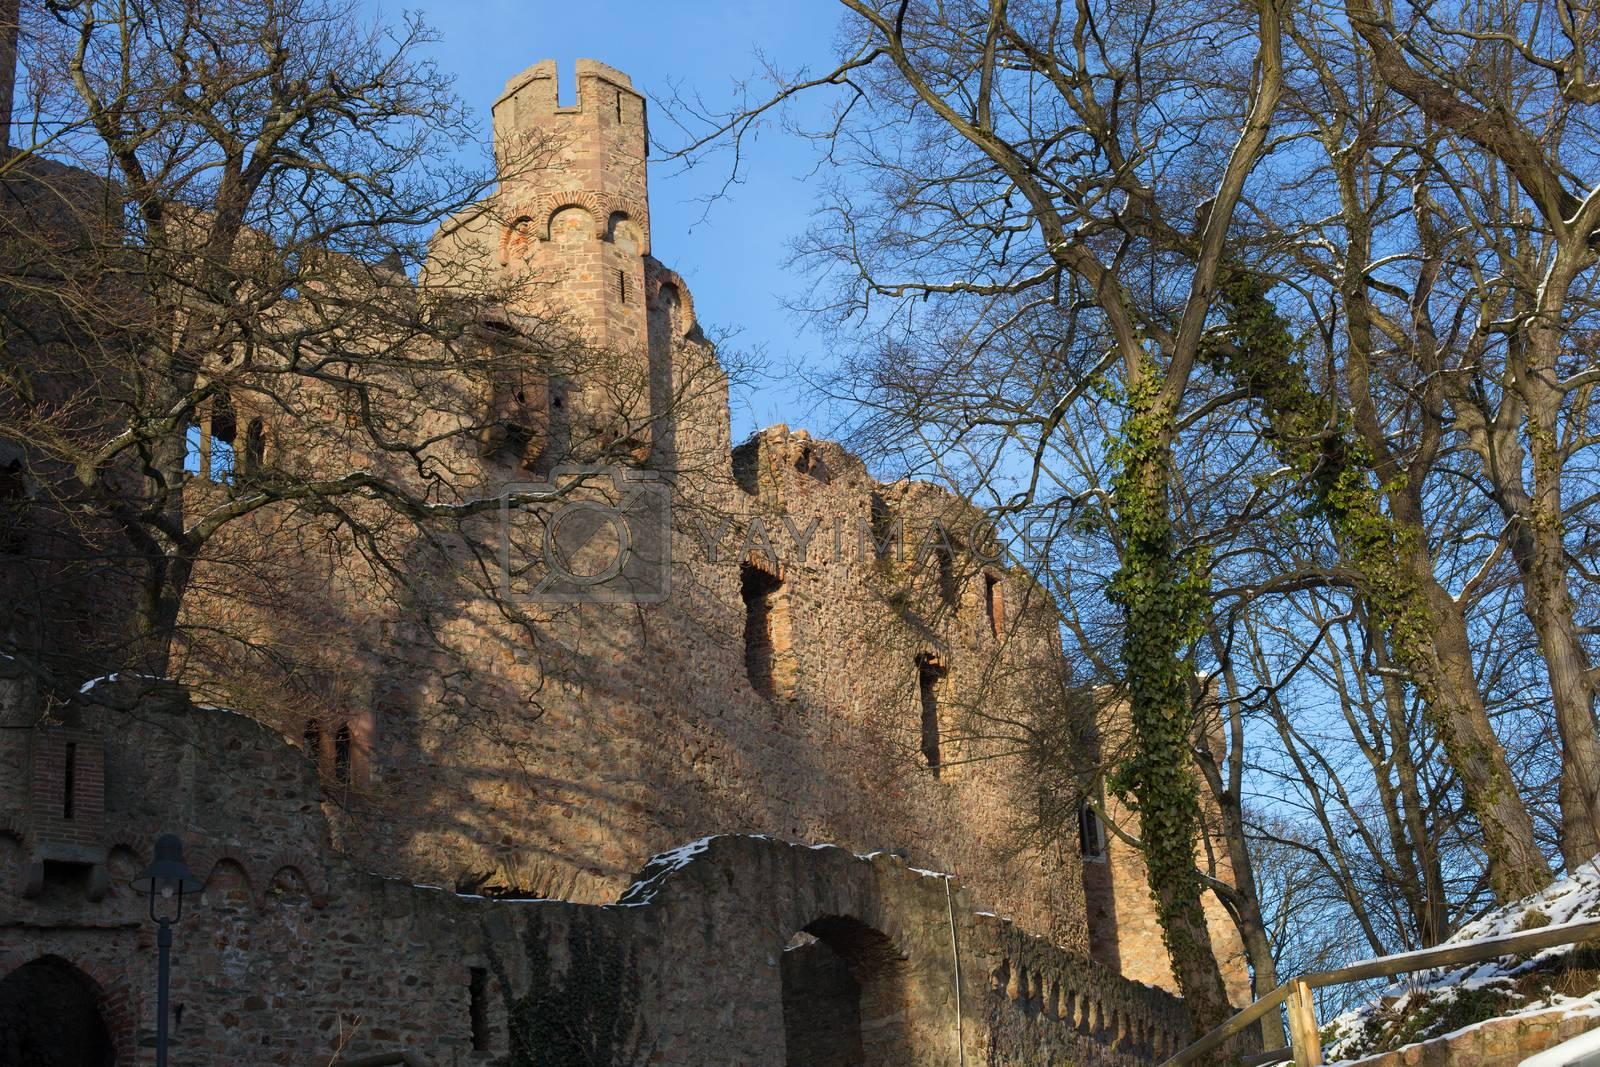 Ruins castle Auerbach (Auerbacher castle) by HdDesign